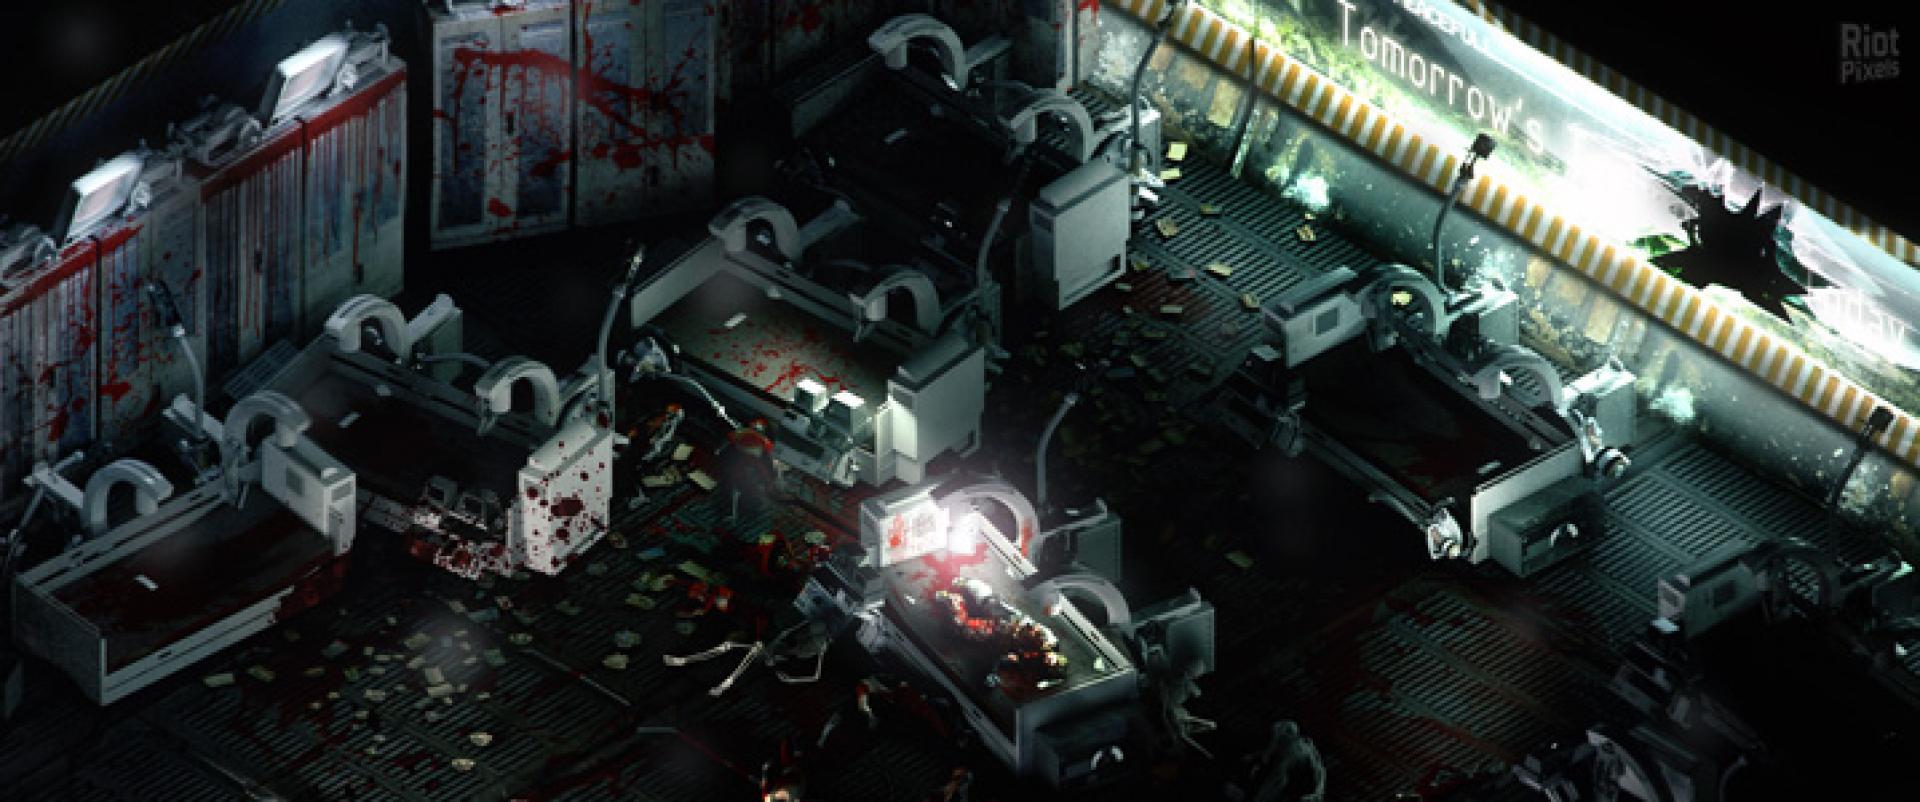 CreepyGames: öt játékelőzetes!